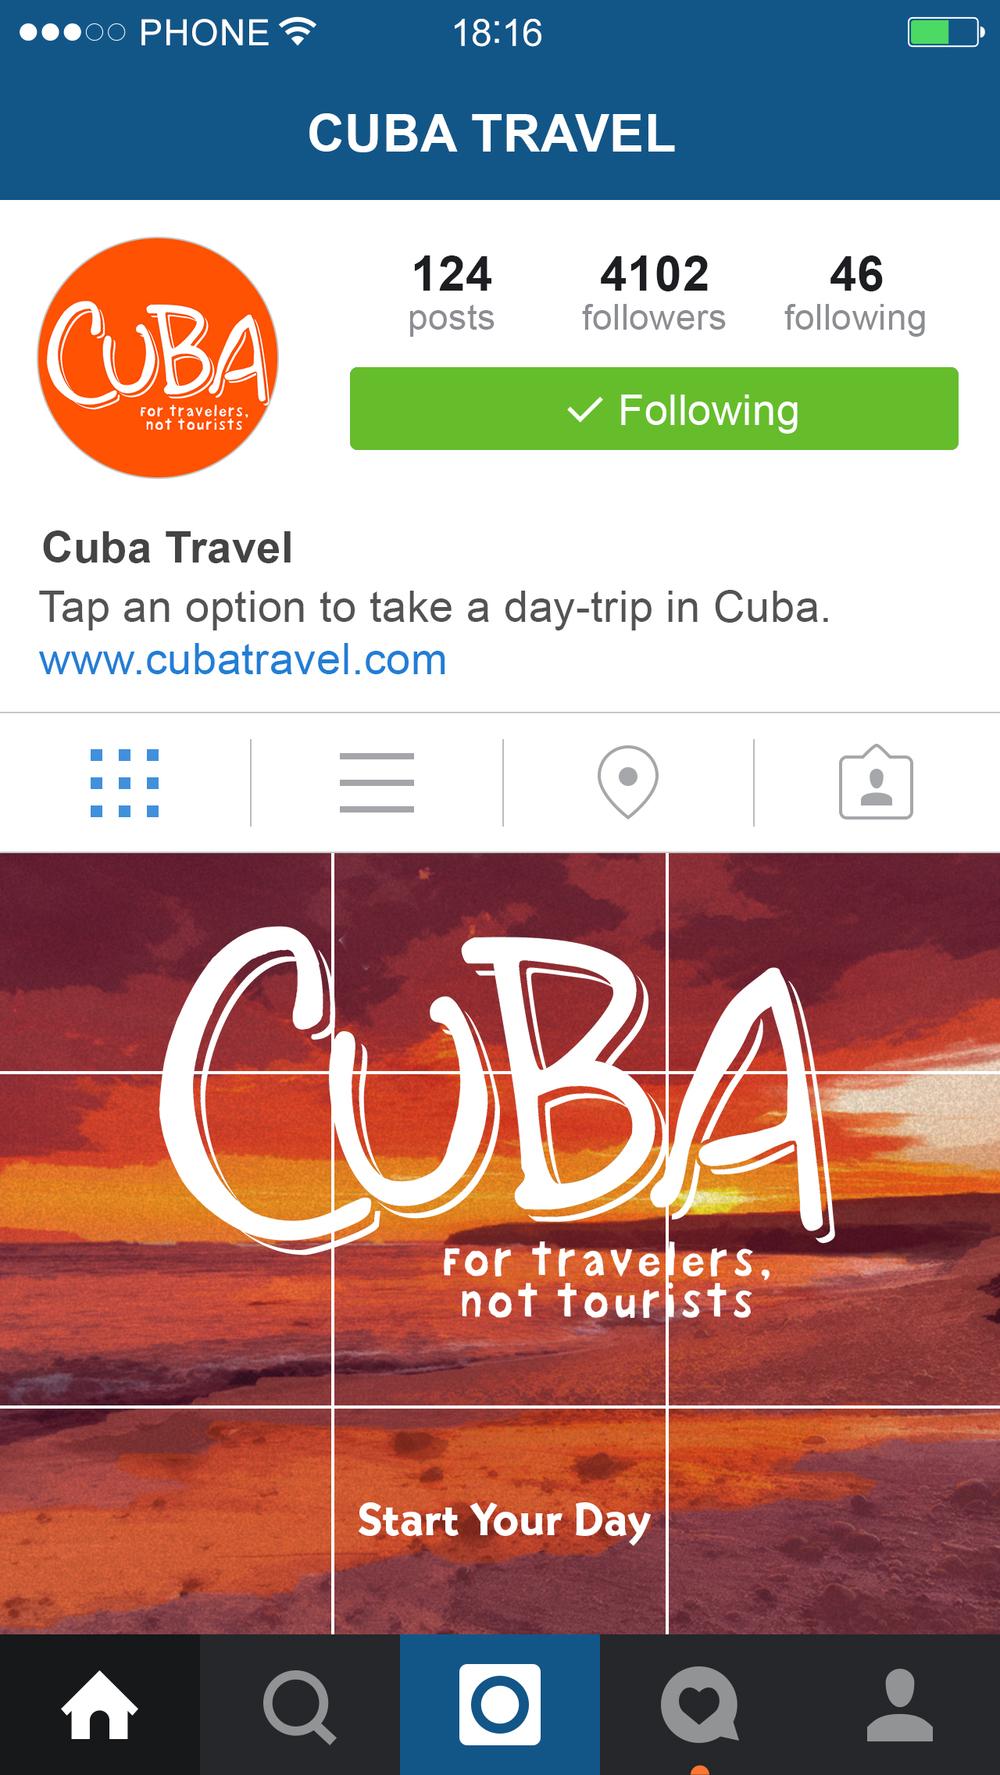 Cuba Travel Profile Screen.jpg